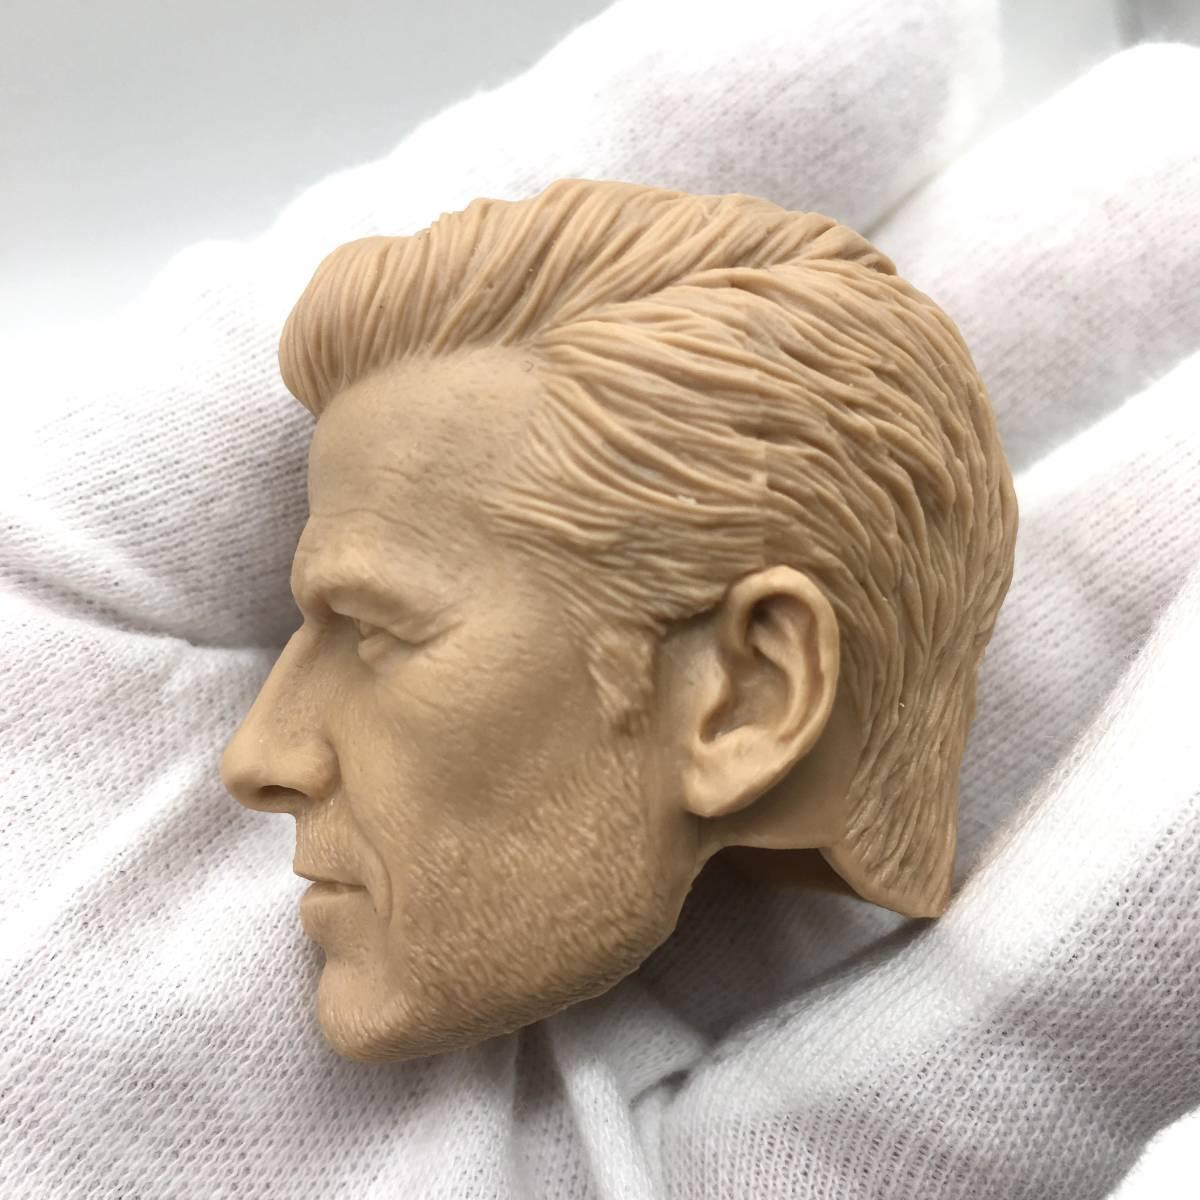 送料無料 1/6 DIY ヘッド 手作り 未塗装男性ヘッド デビッド・ベッカム 番号B32_画像3